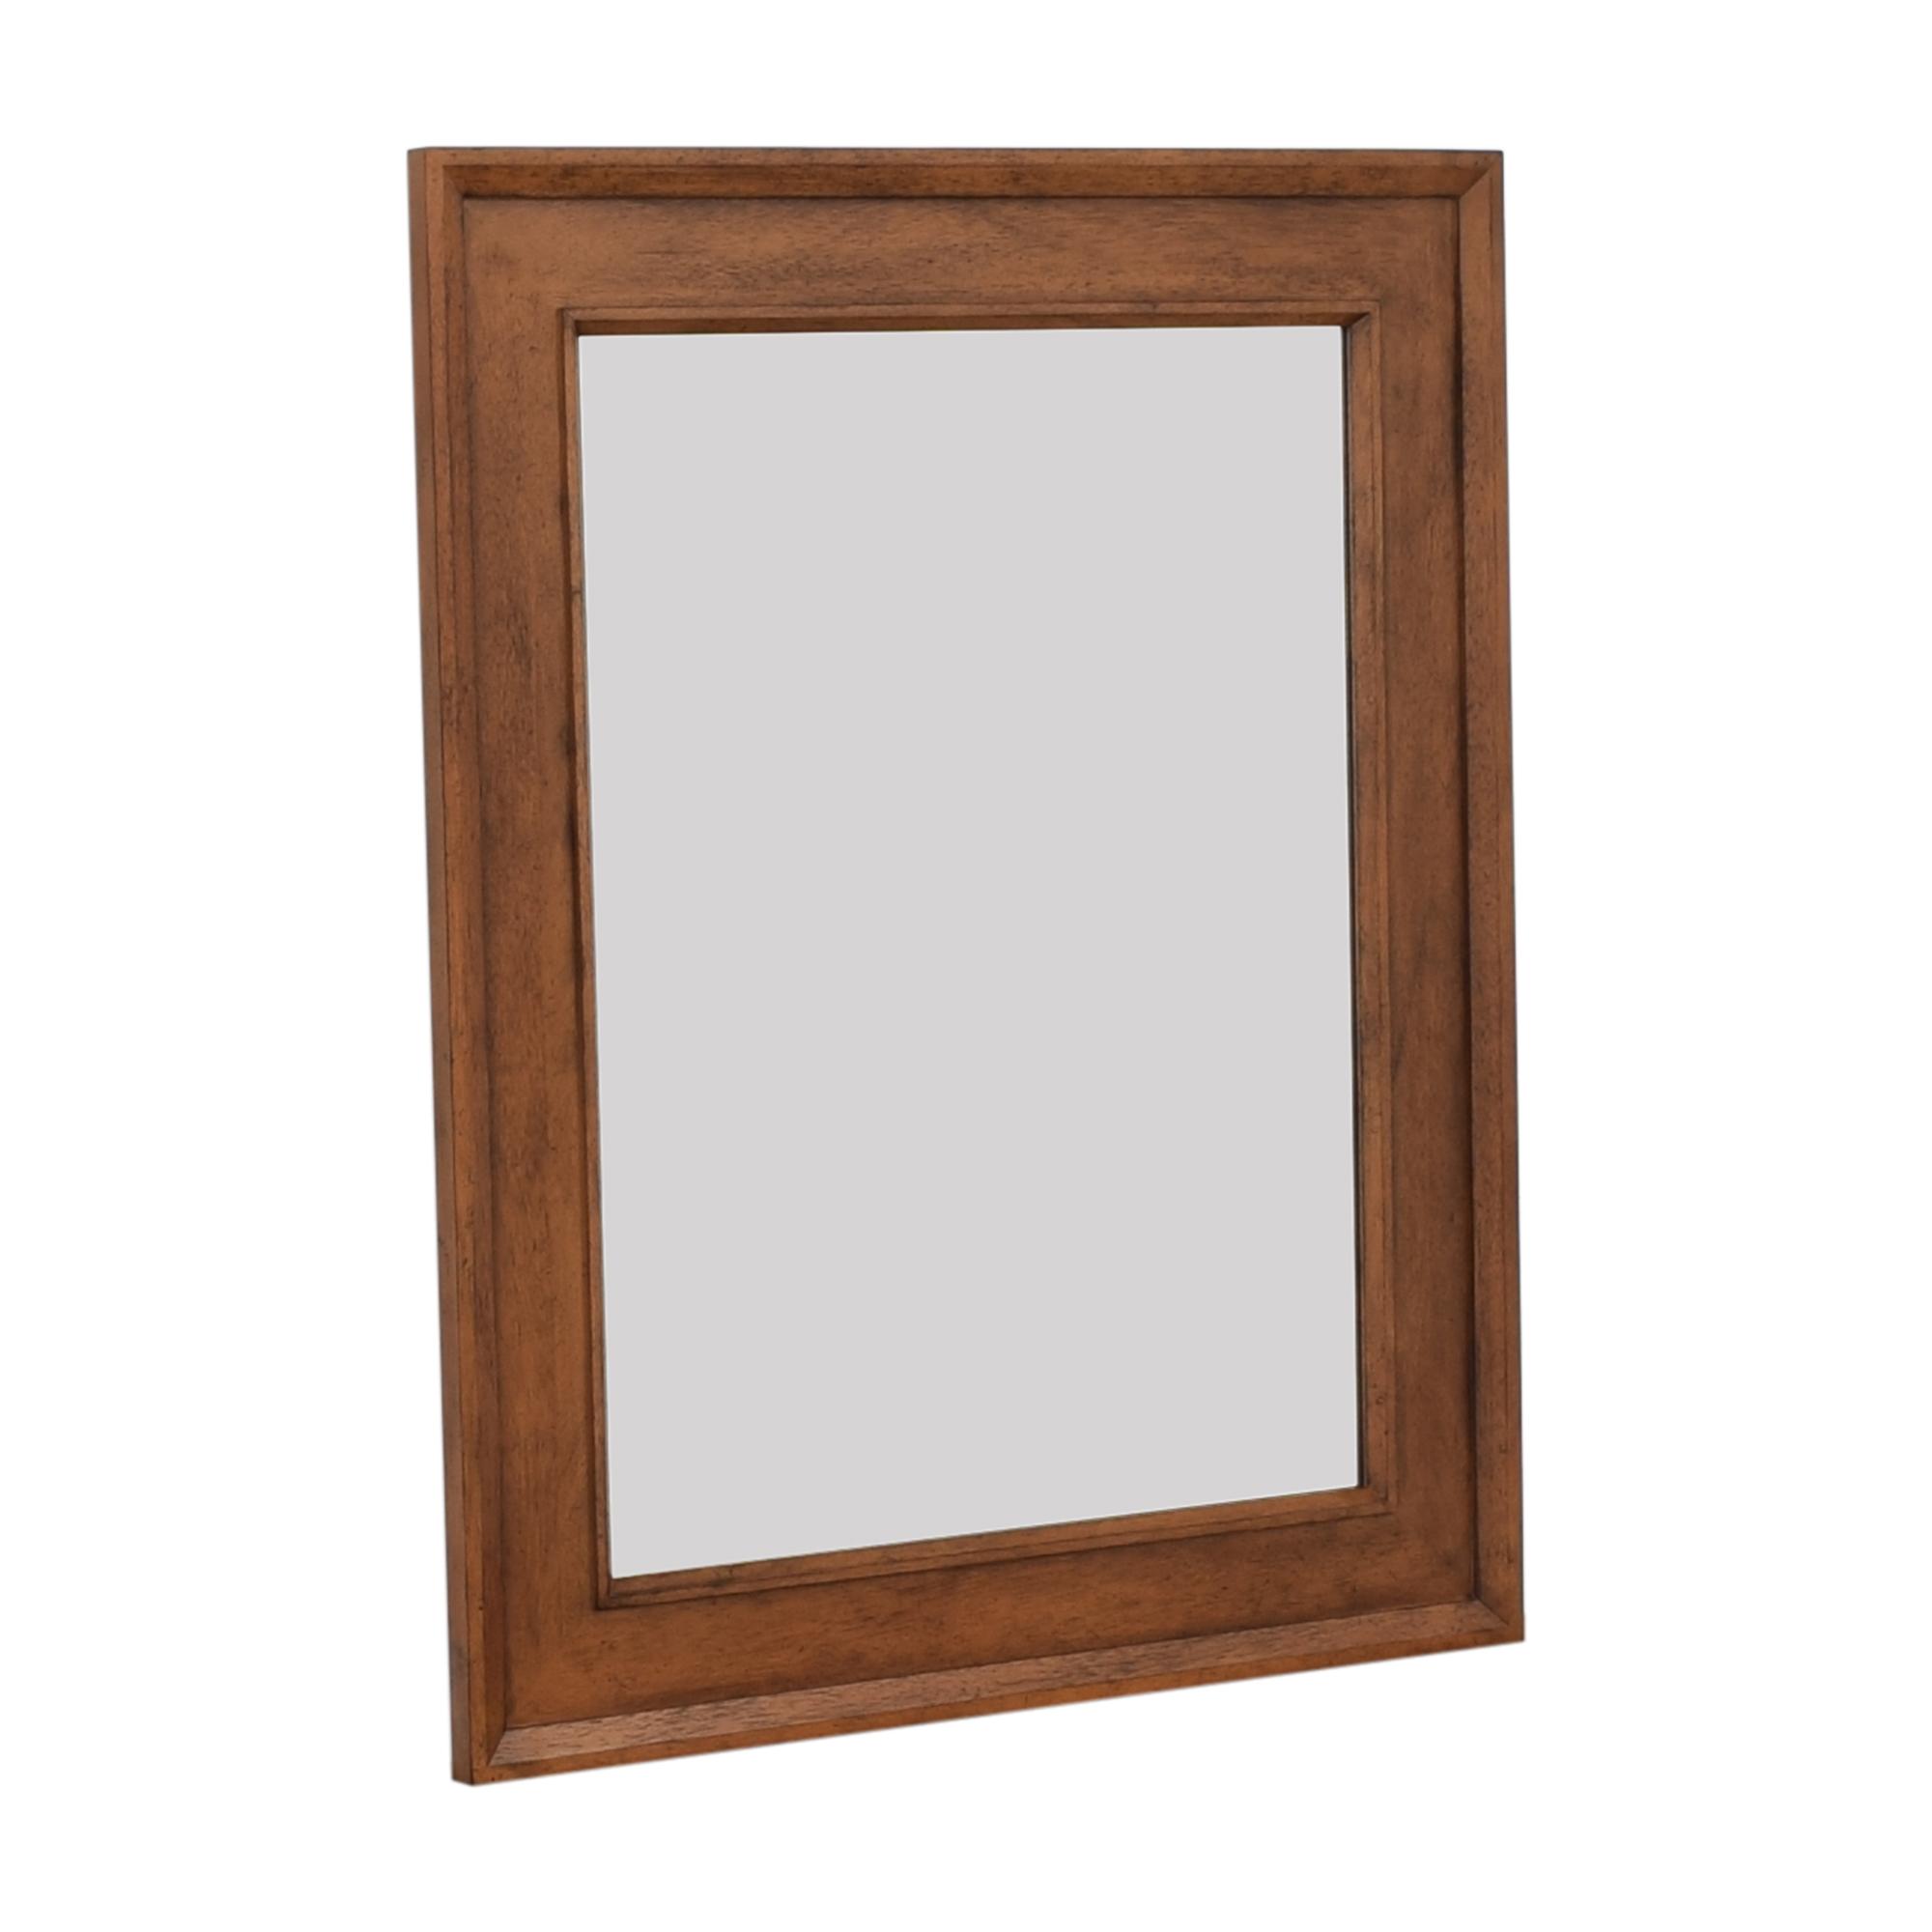 Ethan Allen Ethan Allen Bevan Mirror brown